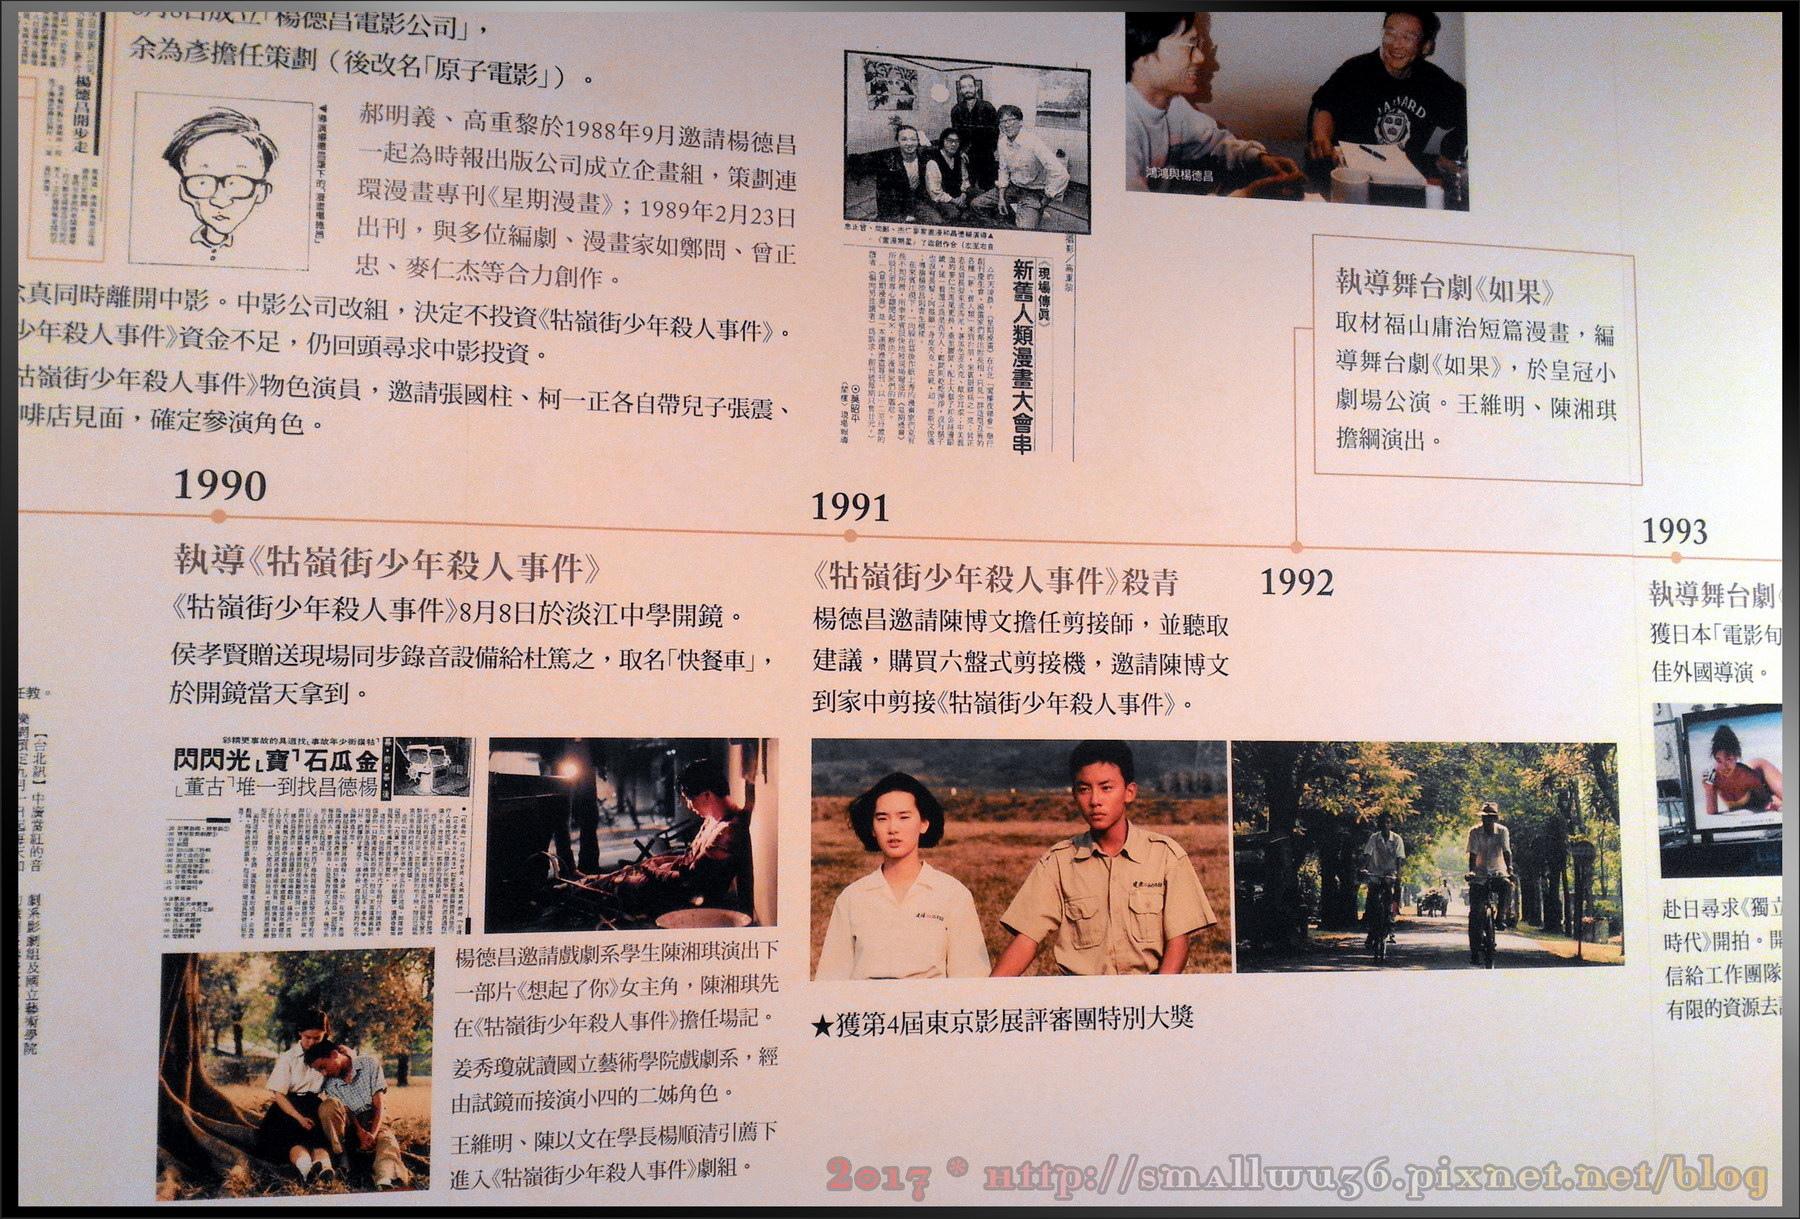 牯嶺街少年殺人事件 楊德昌-1991-台灣-237分- 劇情片